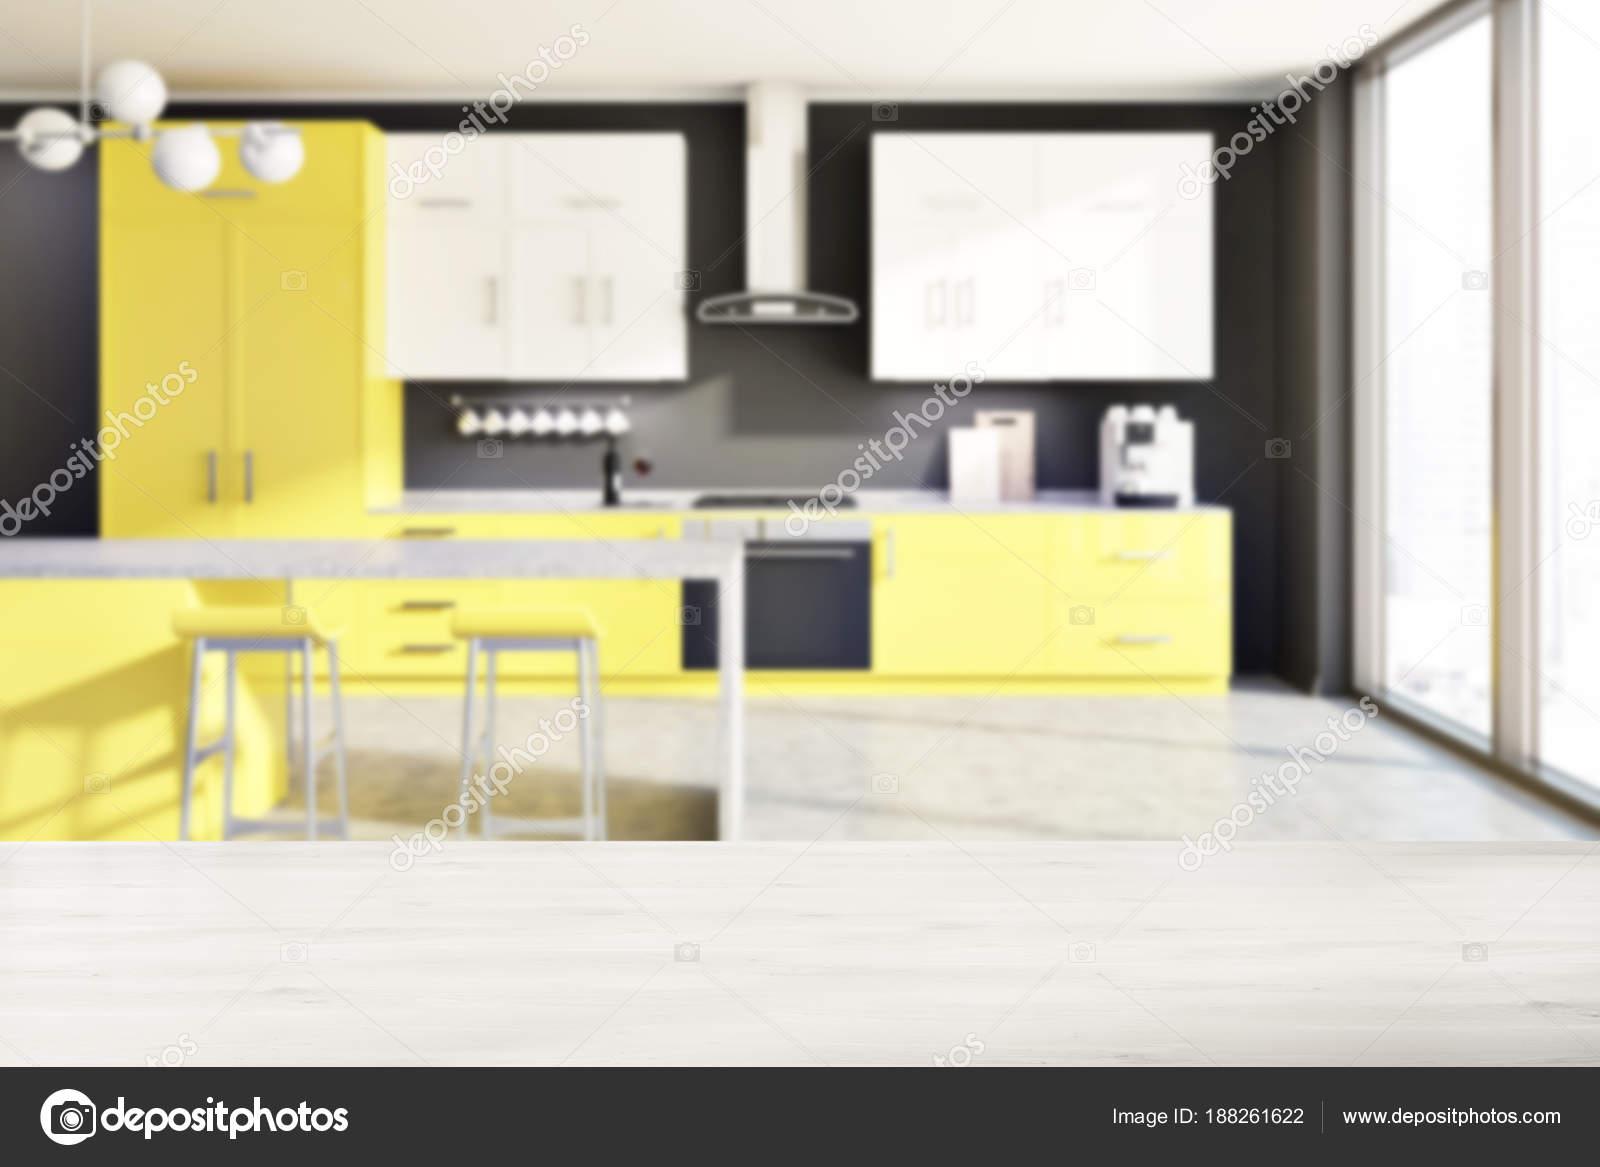 Banconi da cucina grigio, giallo, tabella sfocatura — Foto Stock ...